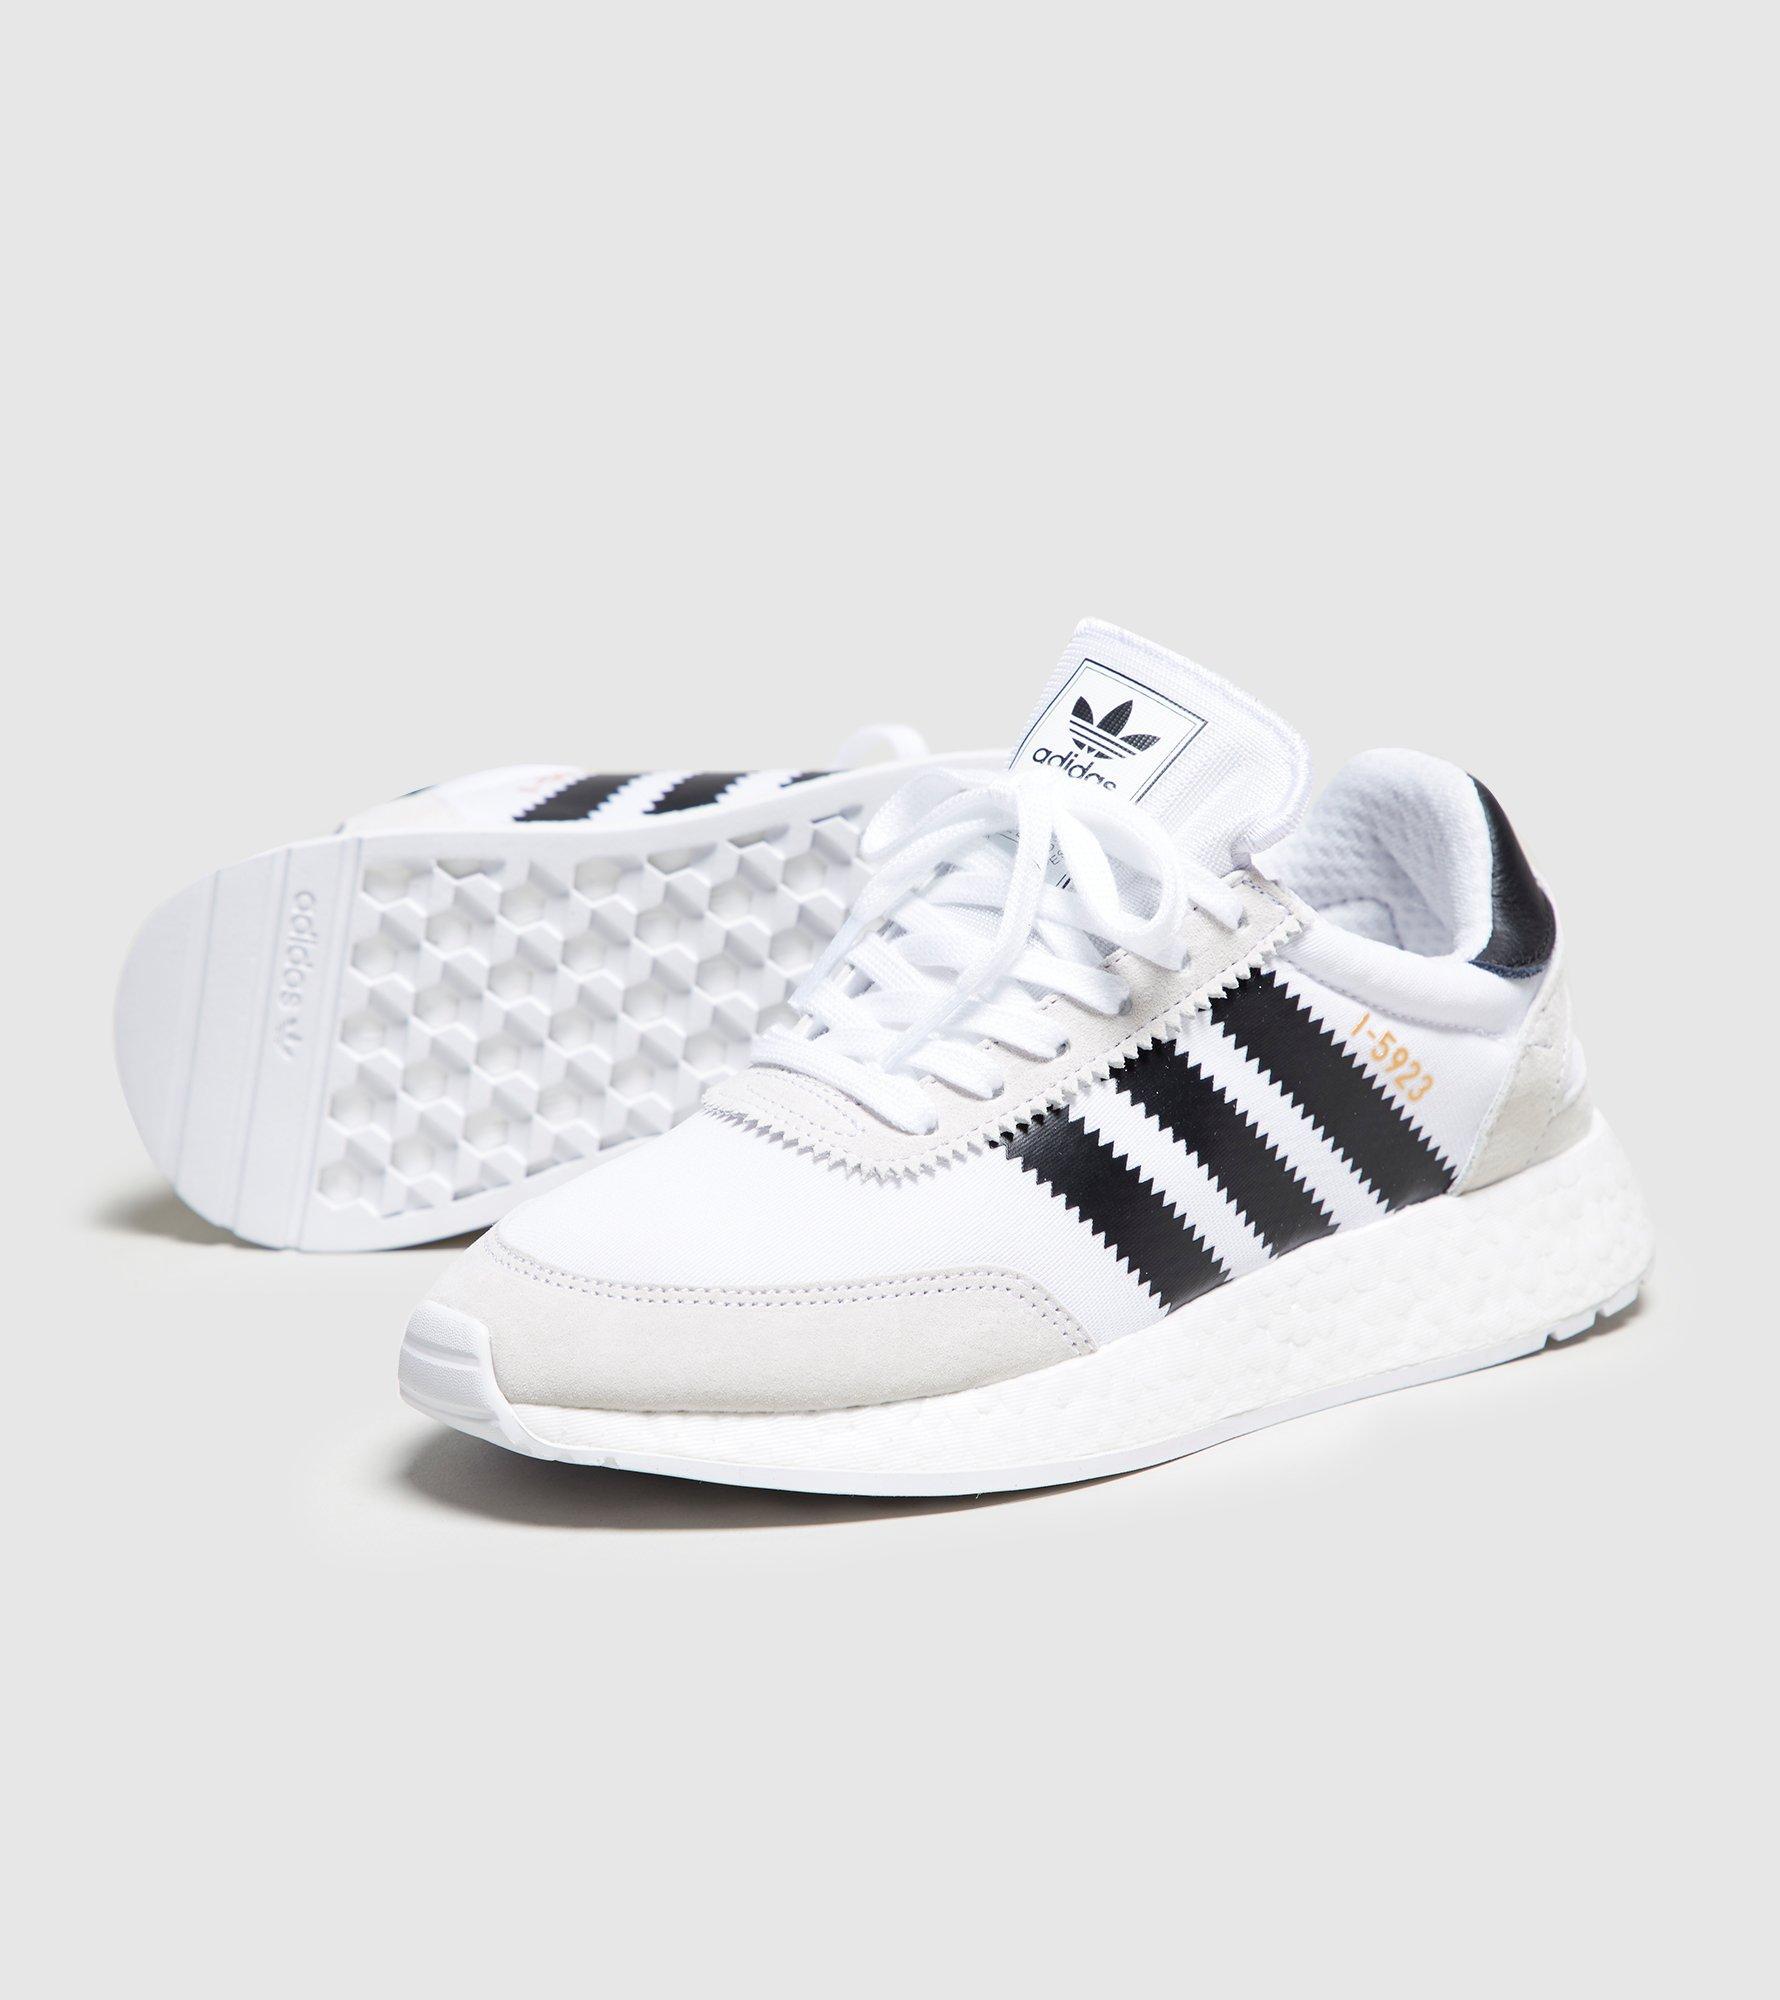 Adidas Originals I 5923 Sneaker Womens Adidas Originals I 5923 Sneaker  Green  1c08b380d7af5